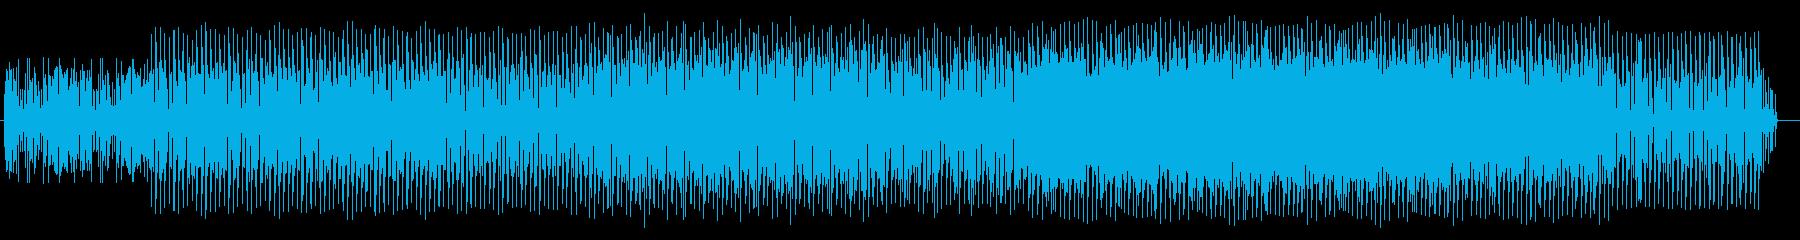 リズミカルで神秘的なテクノポップの再生済みの波形